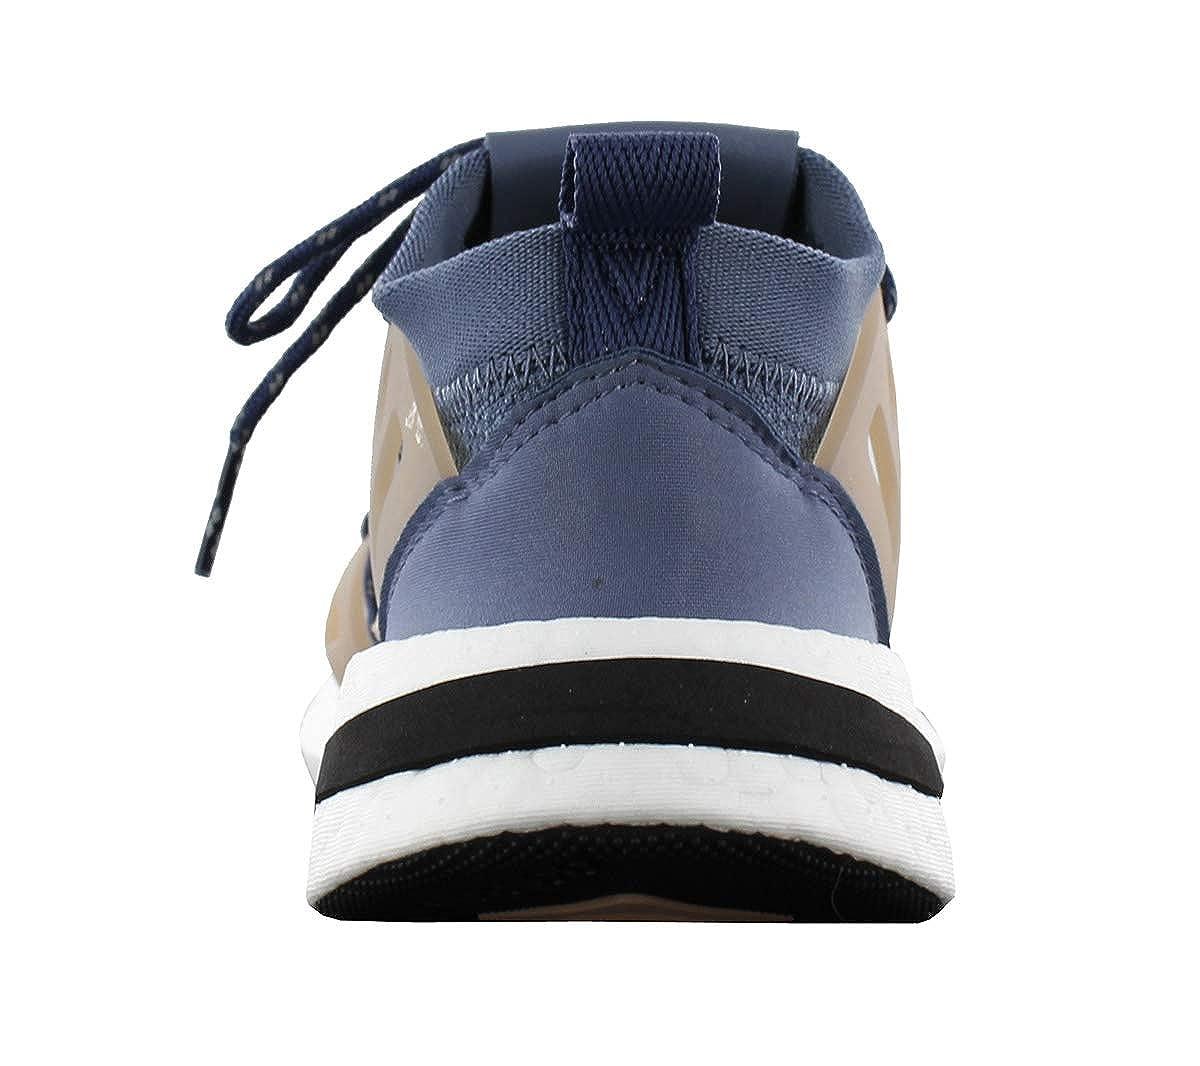 Adidas Arkyn W Raw Steel Grau Five Ash Pearl 40 - - 40 7ed0cc